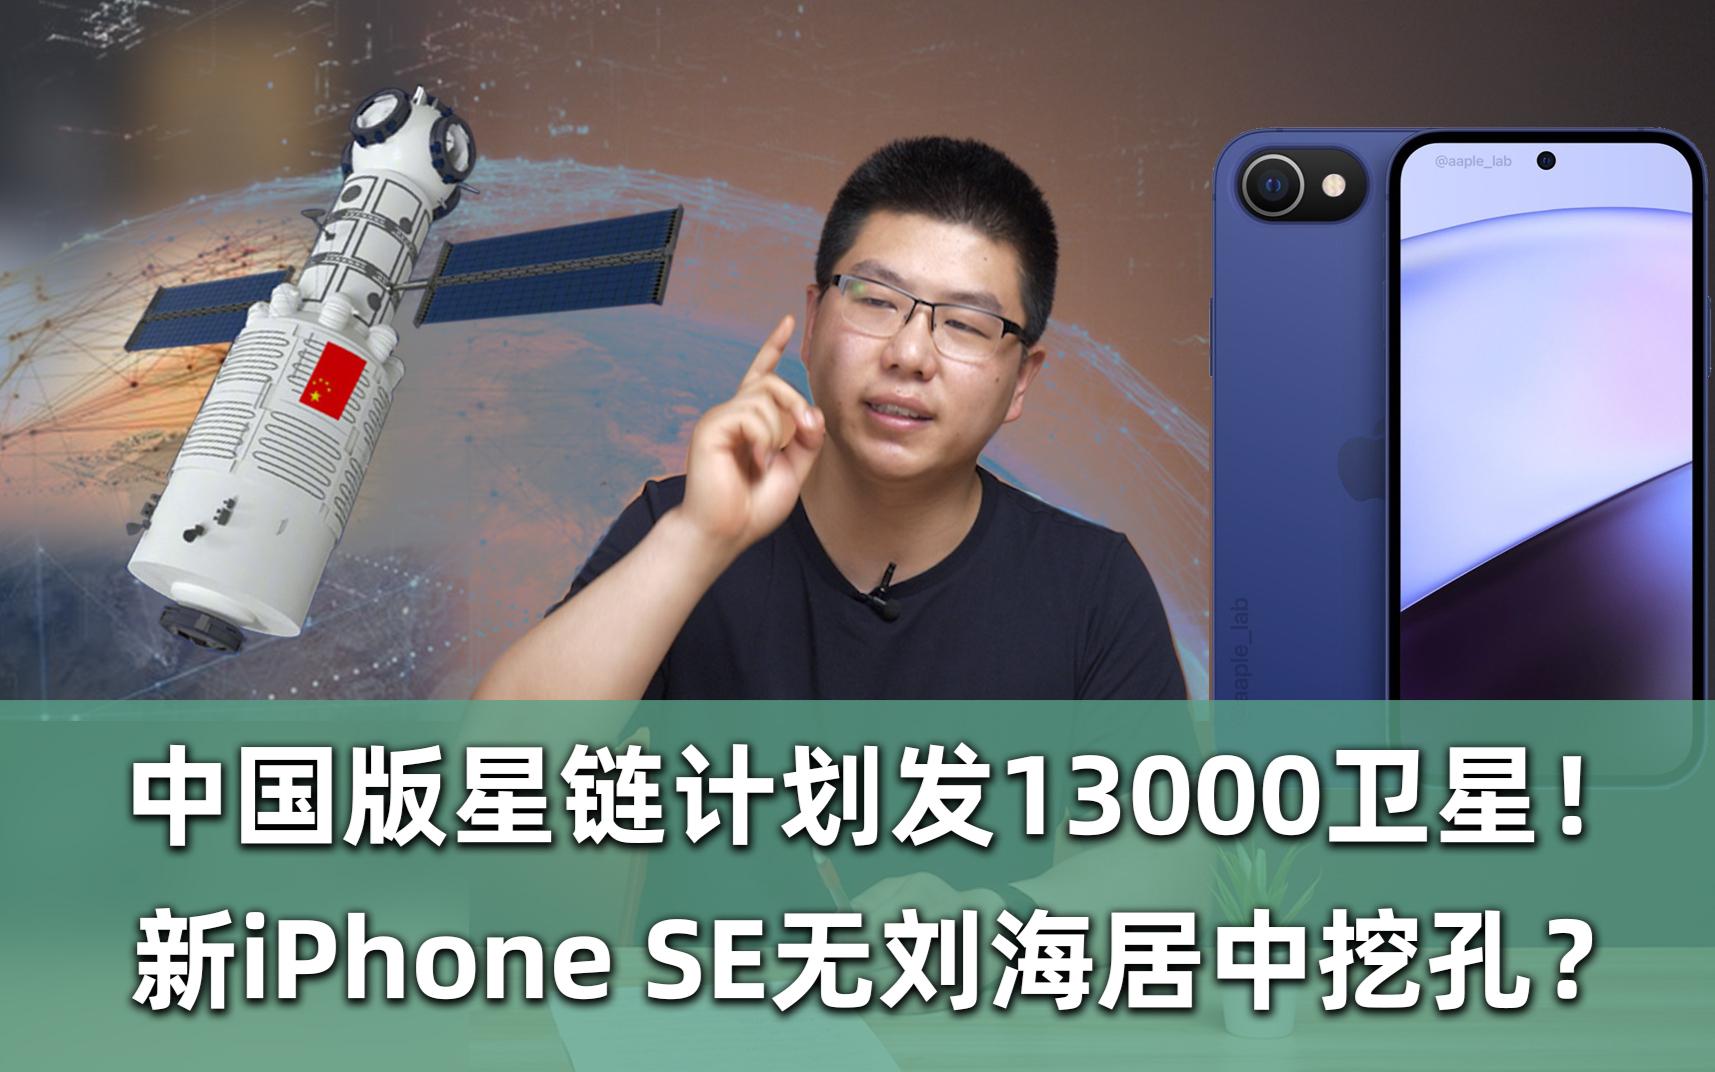 【E周报】59:中国版星链计划发13000卫星!新iPhone SE无刘海居中挖孔